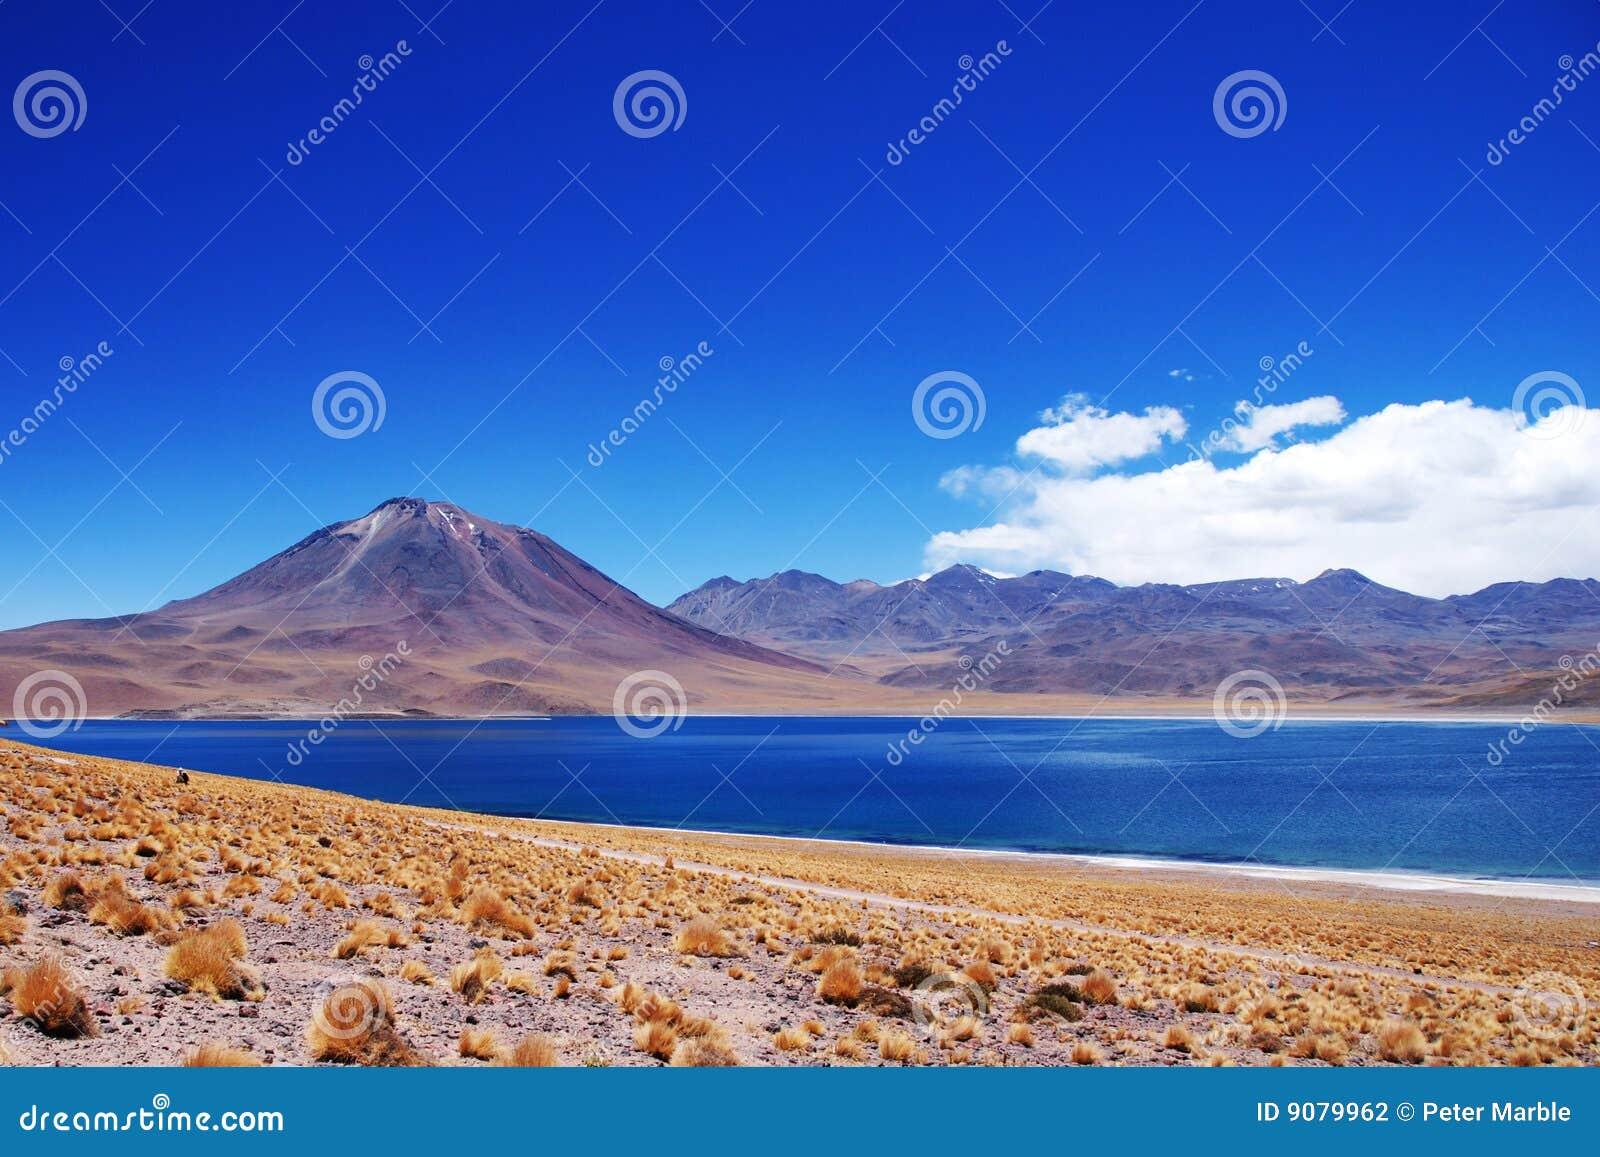 Laguna Miscanti und Volcan Miniques